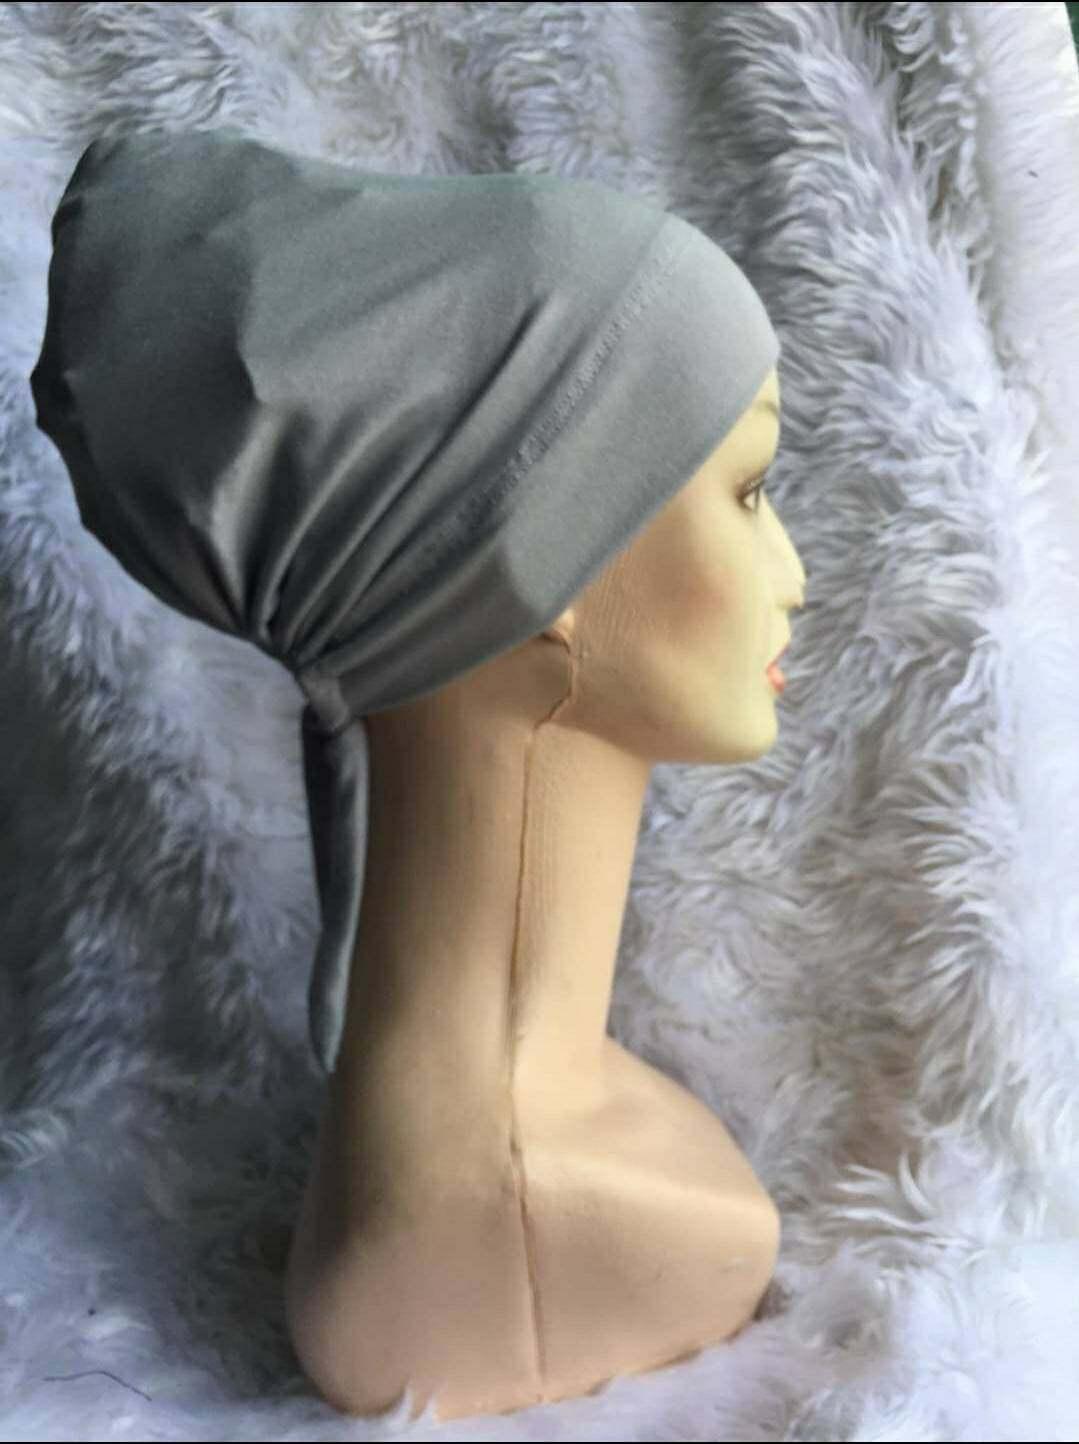 IBC อินเนอร์คลุมผม อินเนอร์ฮิญาบ ผ้าคลุมหัว. อินเนอร์อิสลาม ผ้าเรยอน แบบผูกหลัง กระชับ เนื้อนิ่มมาก ใส่สบาย ขนาดฟรีไซส์